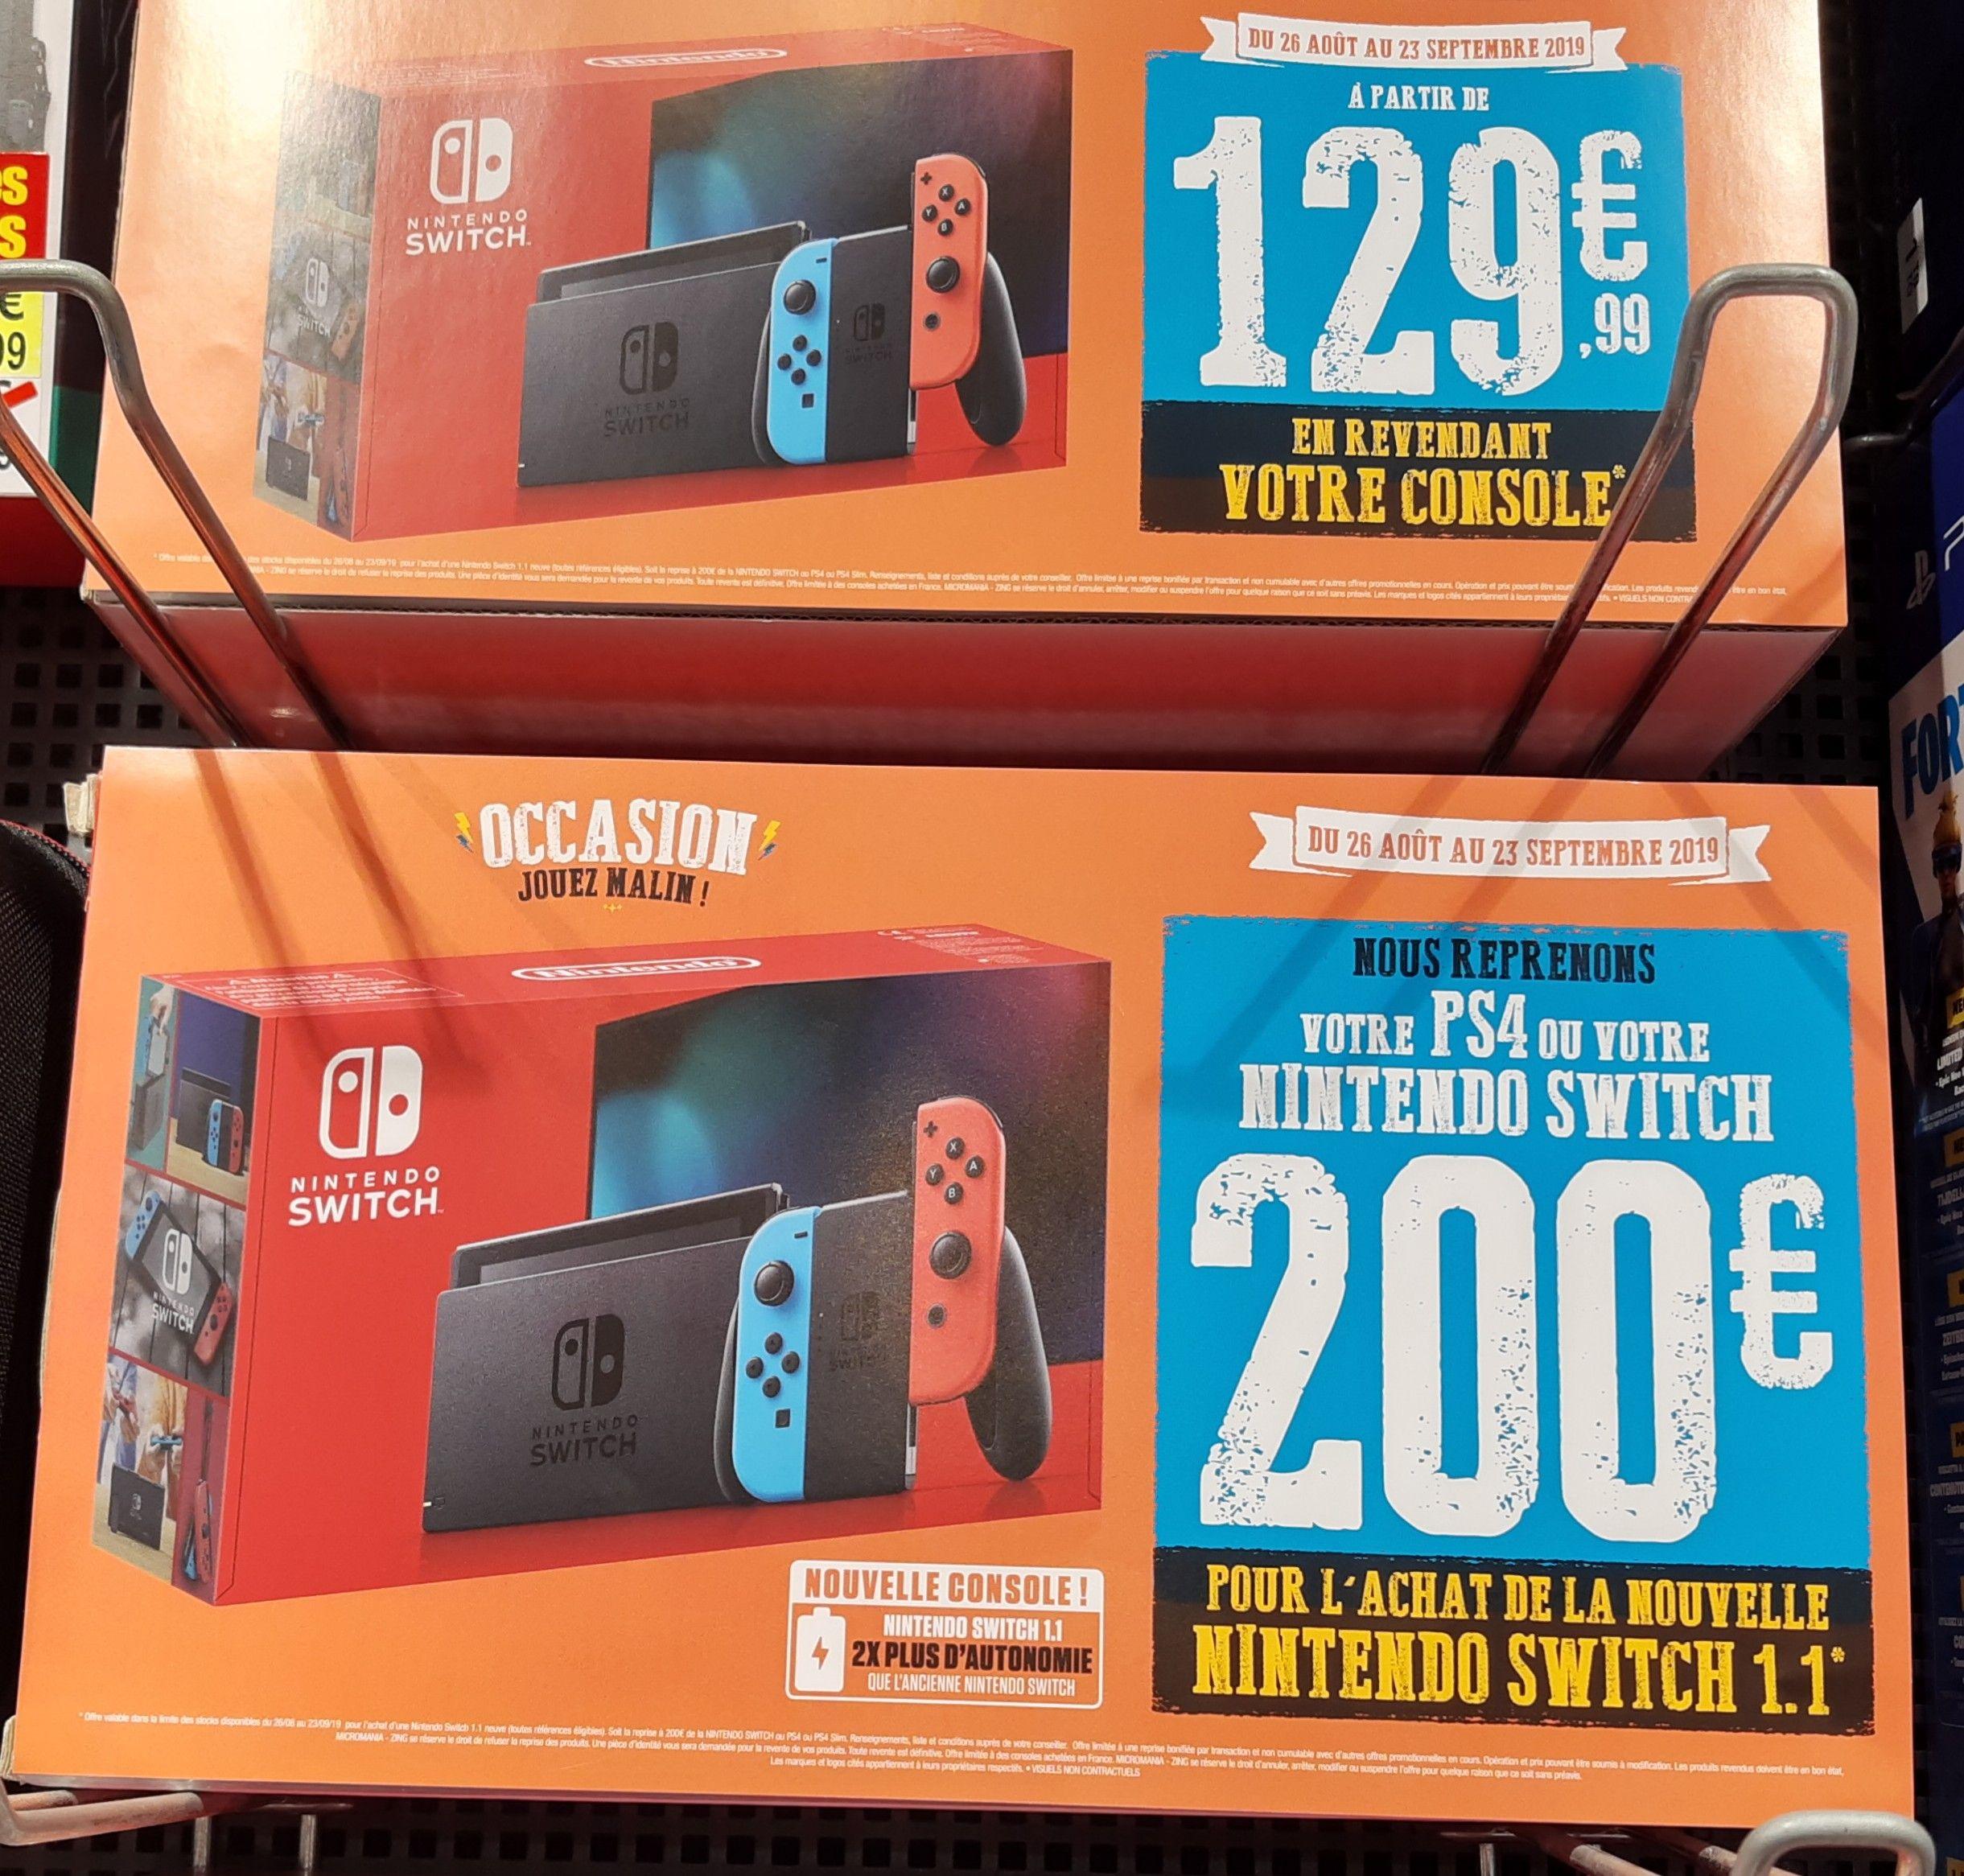 Console Nintendo Switch 2019 à partir de 129.99€ (sous condition de reprise d'une ancienne PS4 ou Switch)